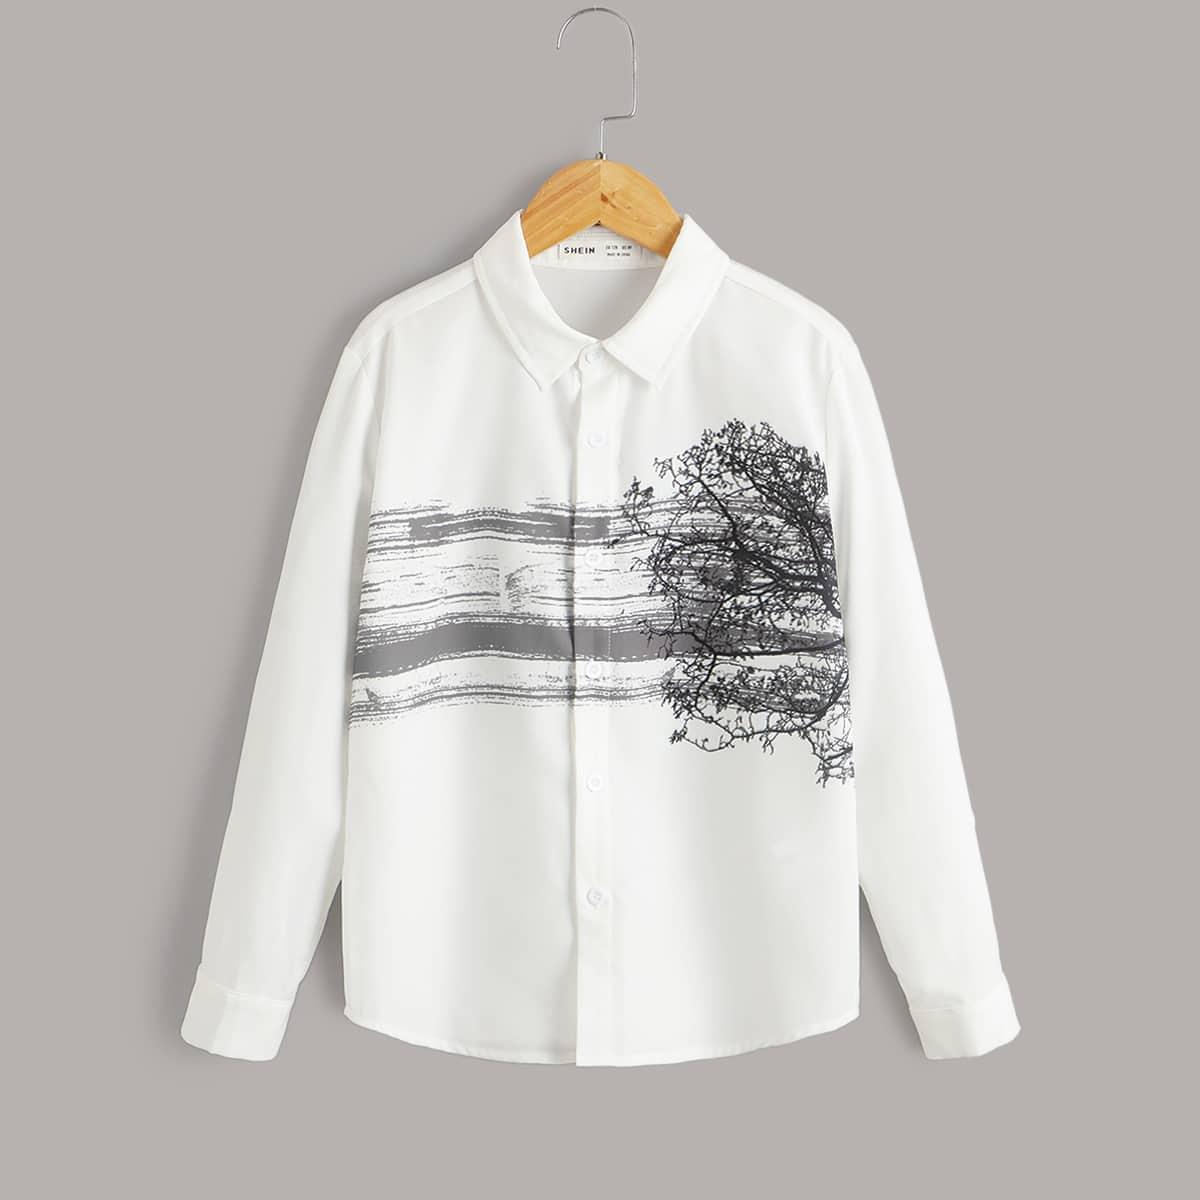 Рубашка на пуговицах с принтом деревьев и кистей для мальчиков